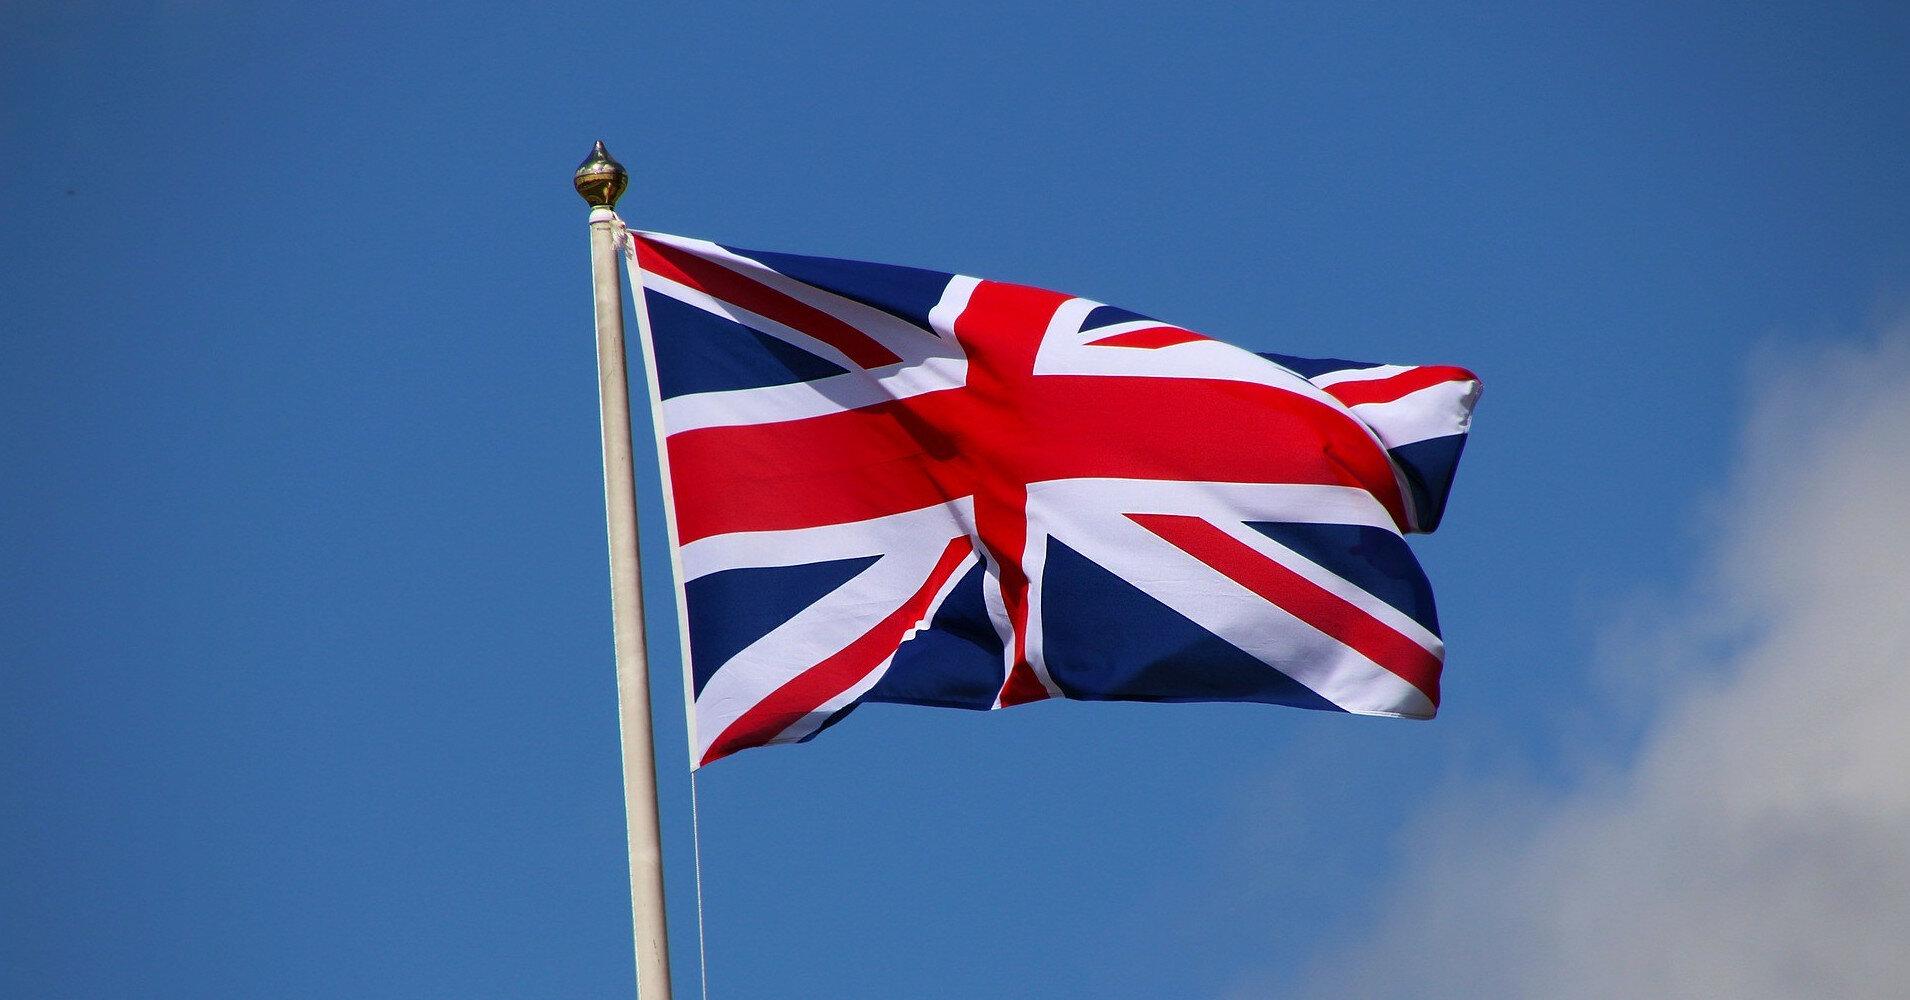 В Транстихоокеанском партнерстве обсудят заявку Британии